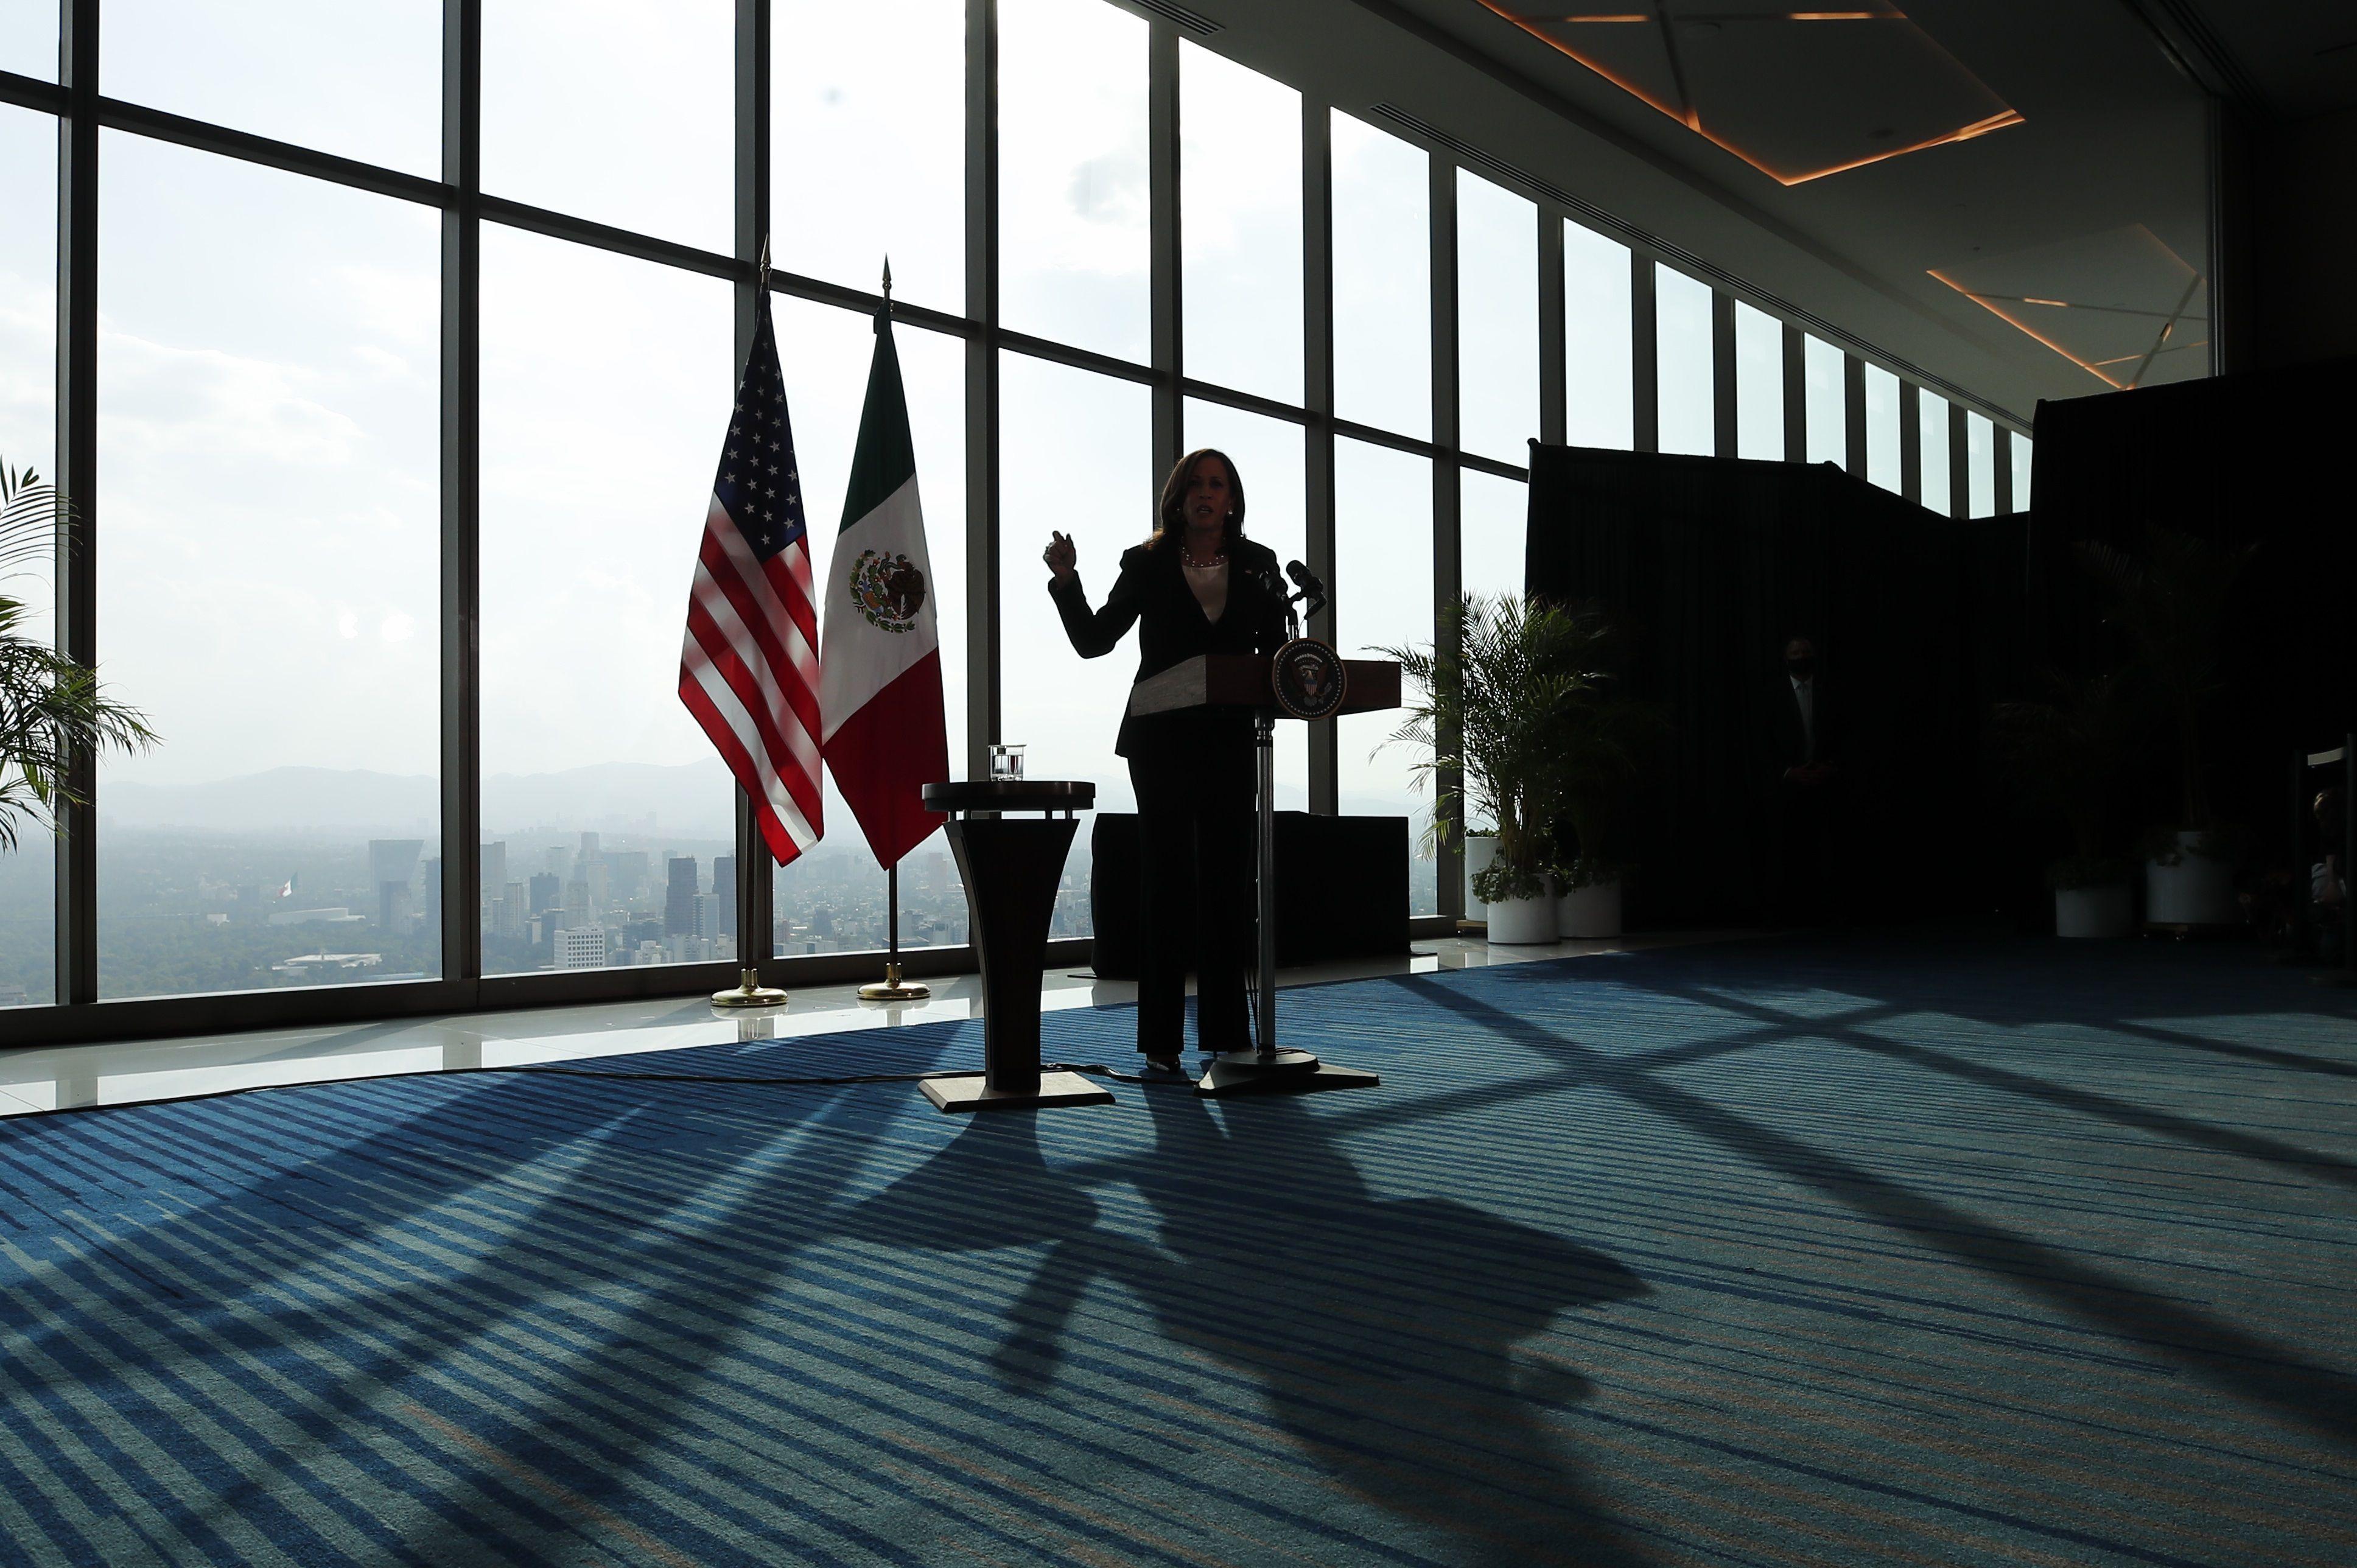 La vicepresidenta de Estados Unidos, Kamala Harris, ofrece una conferencia de prensa en Ciudad de México (México). EFE/ José Méndez